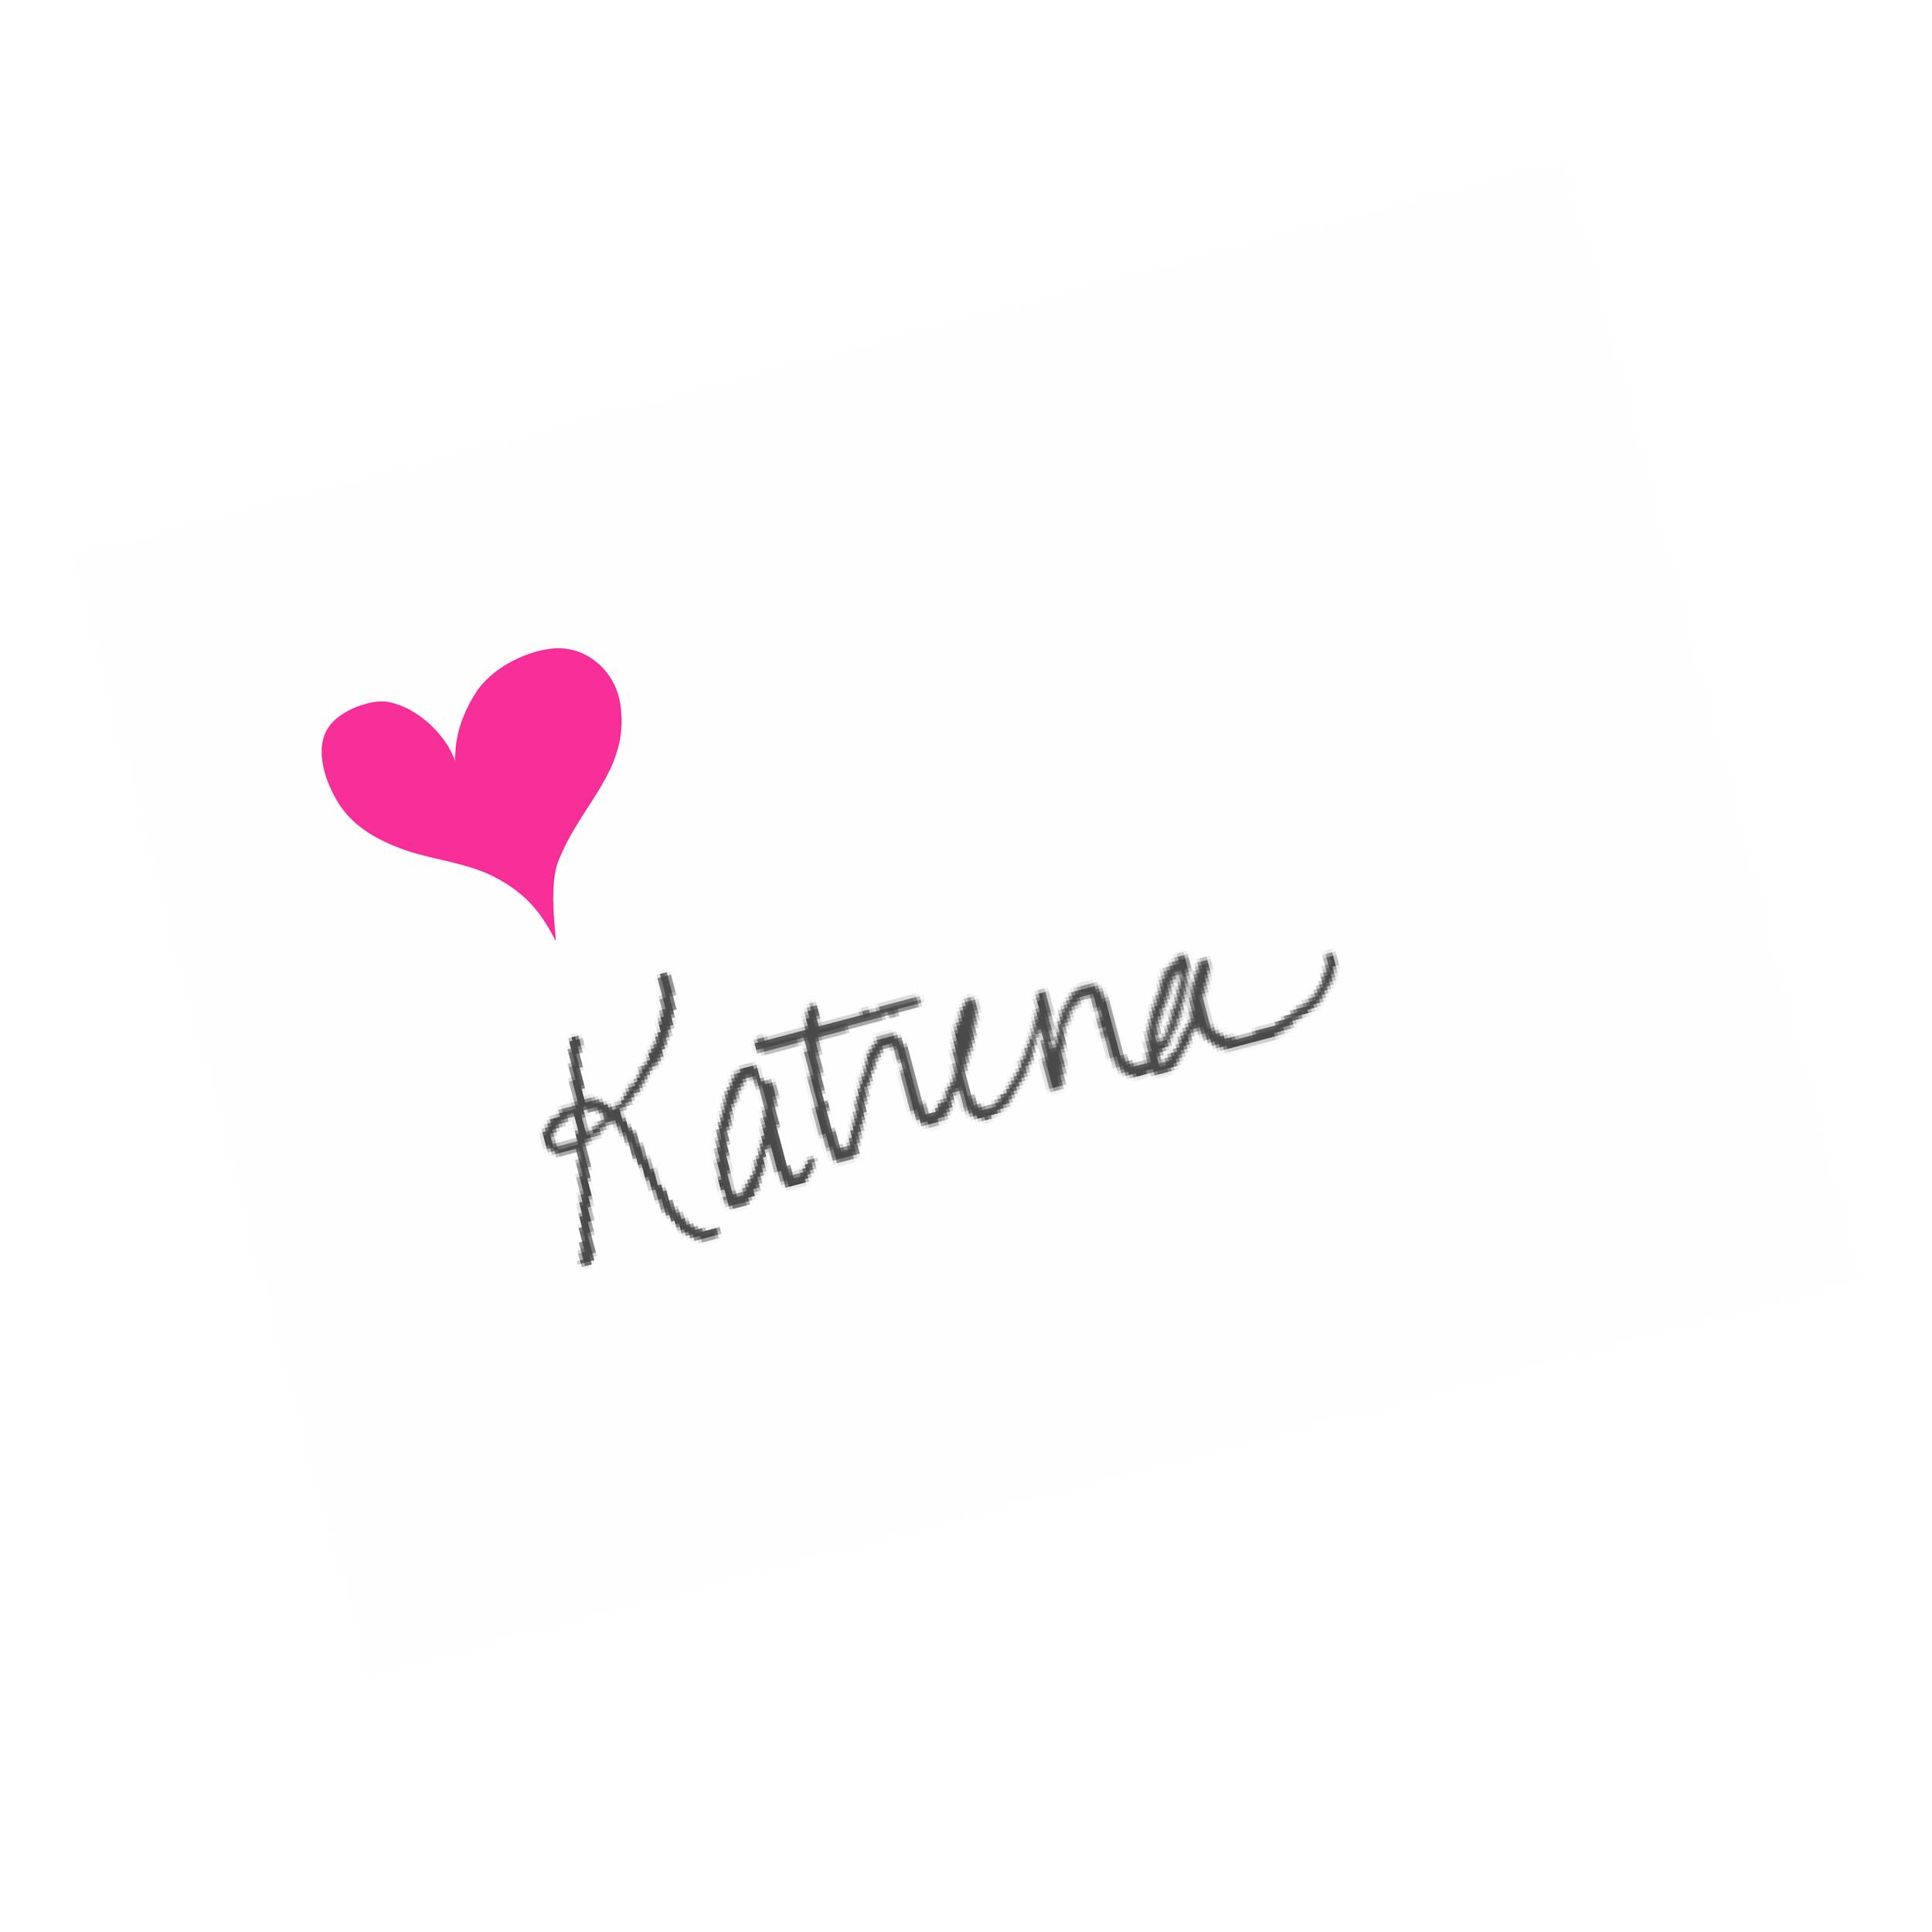 Katrena Cohea